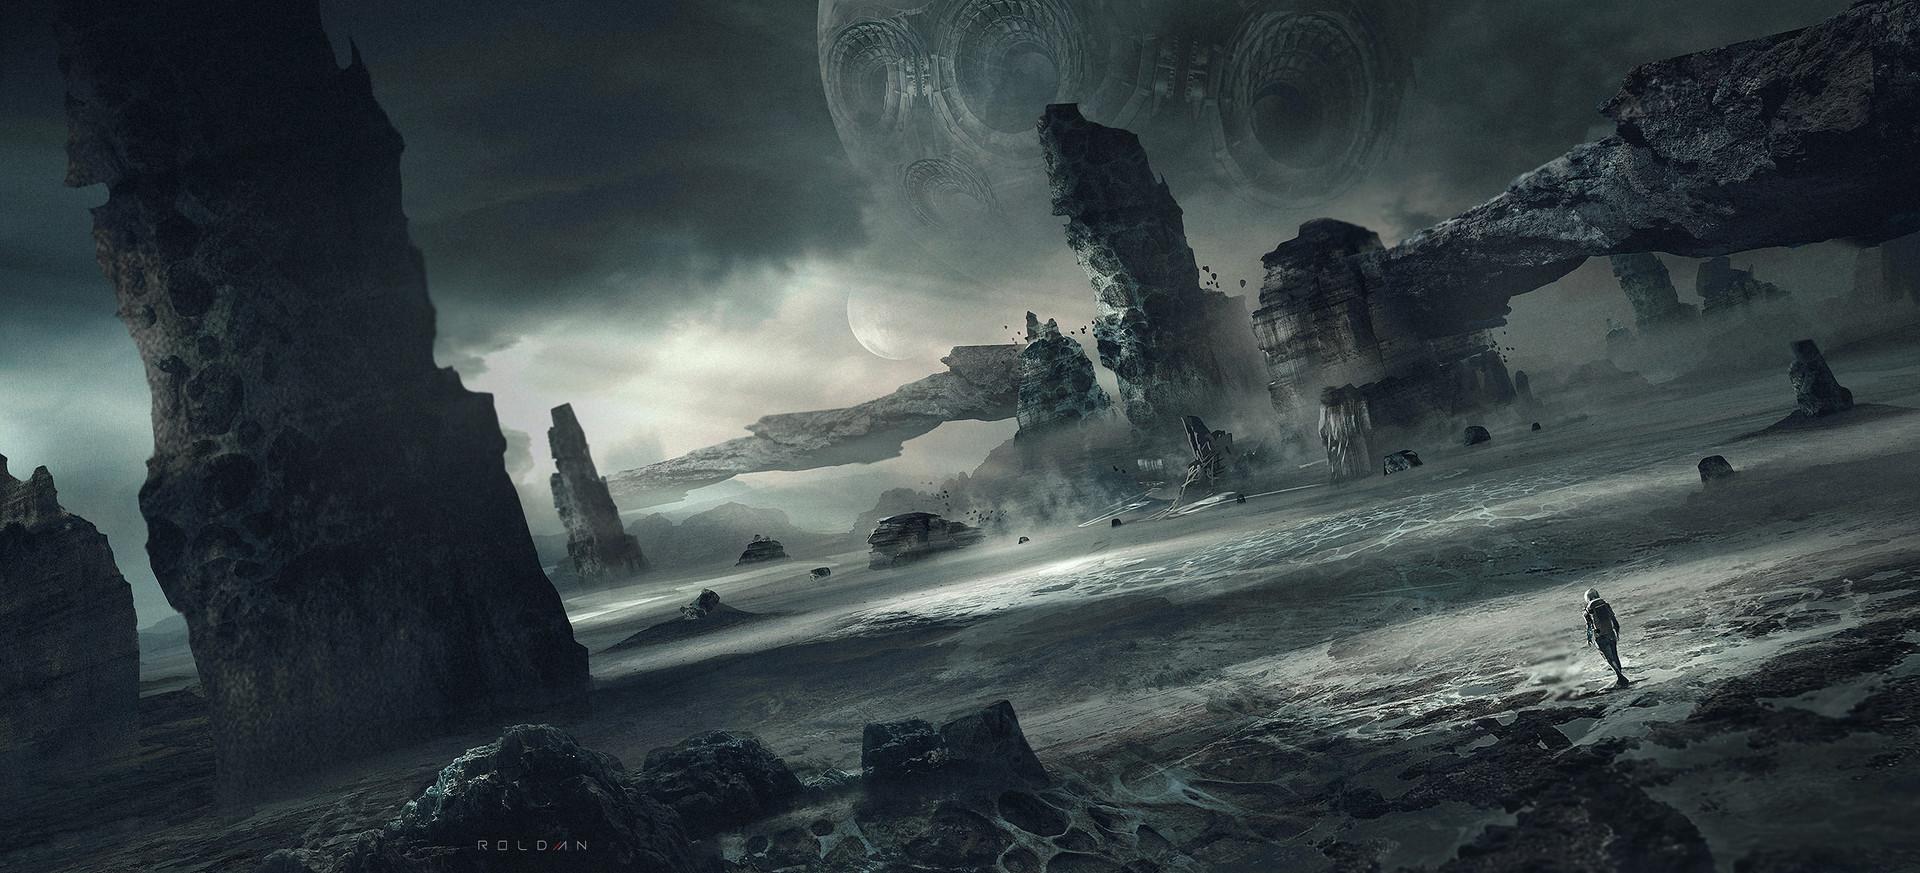 juan-pablo-roldan-alien-world-12.jpg